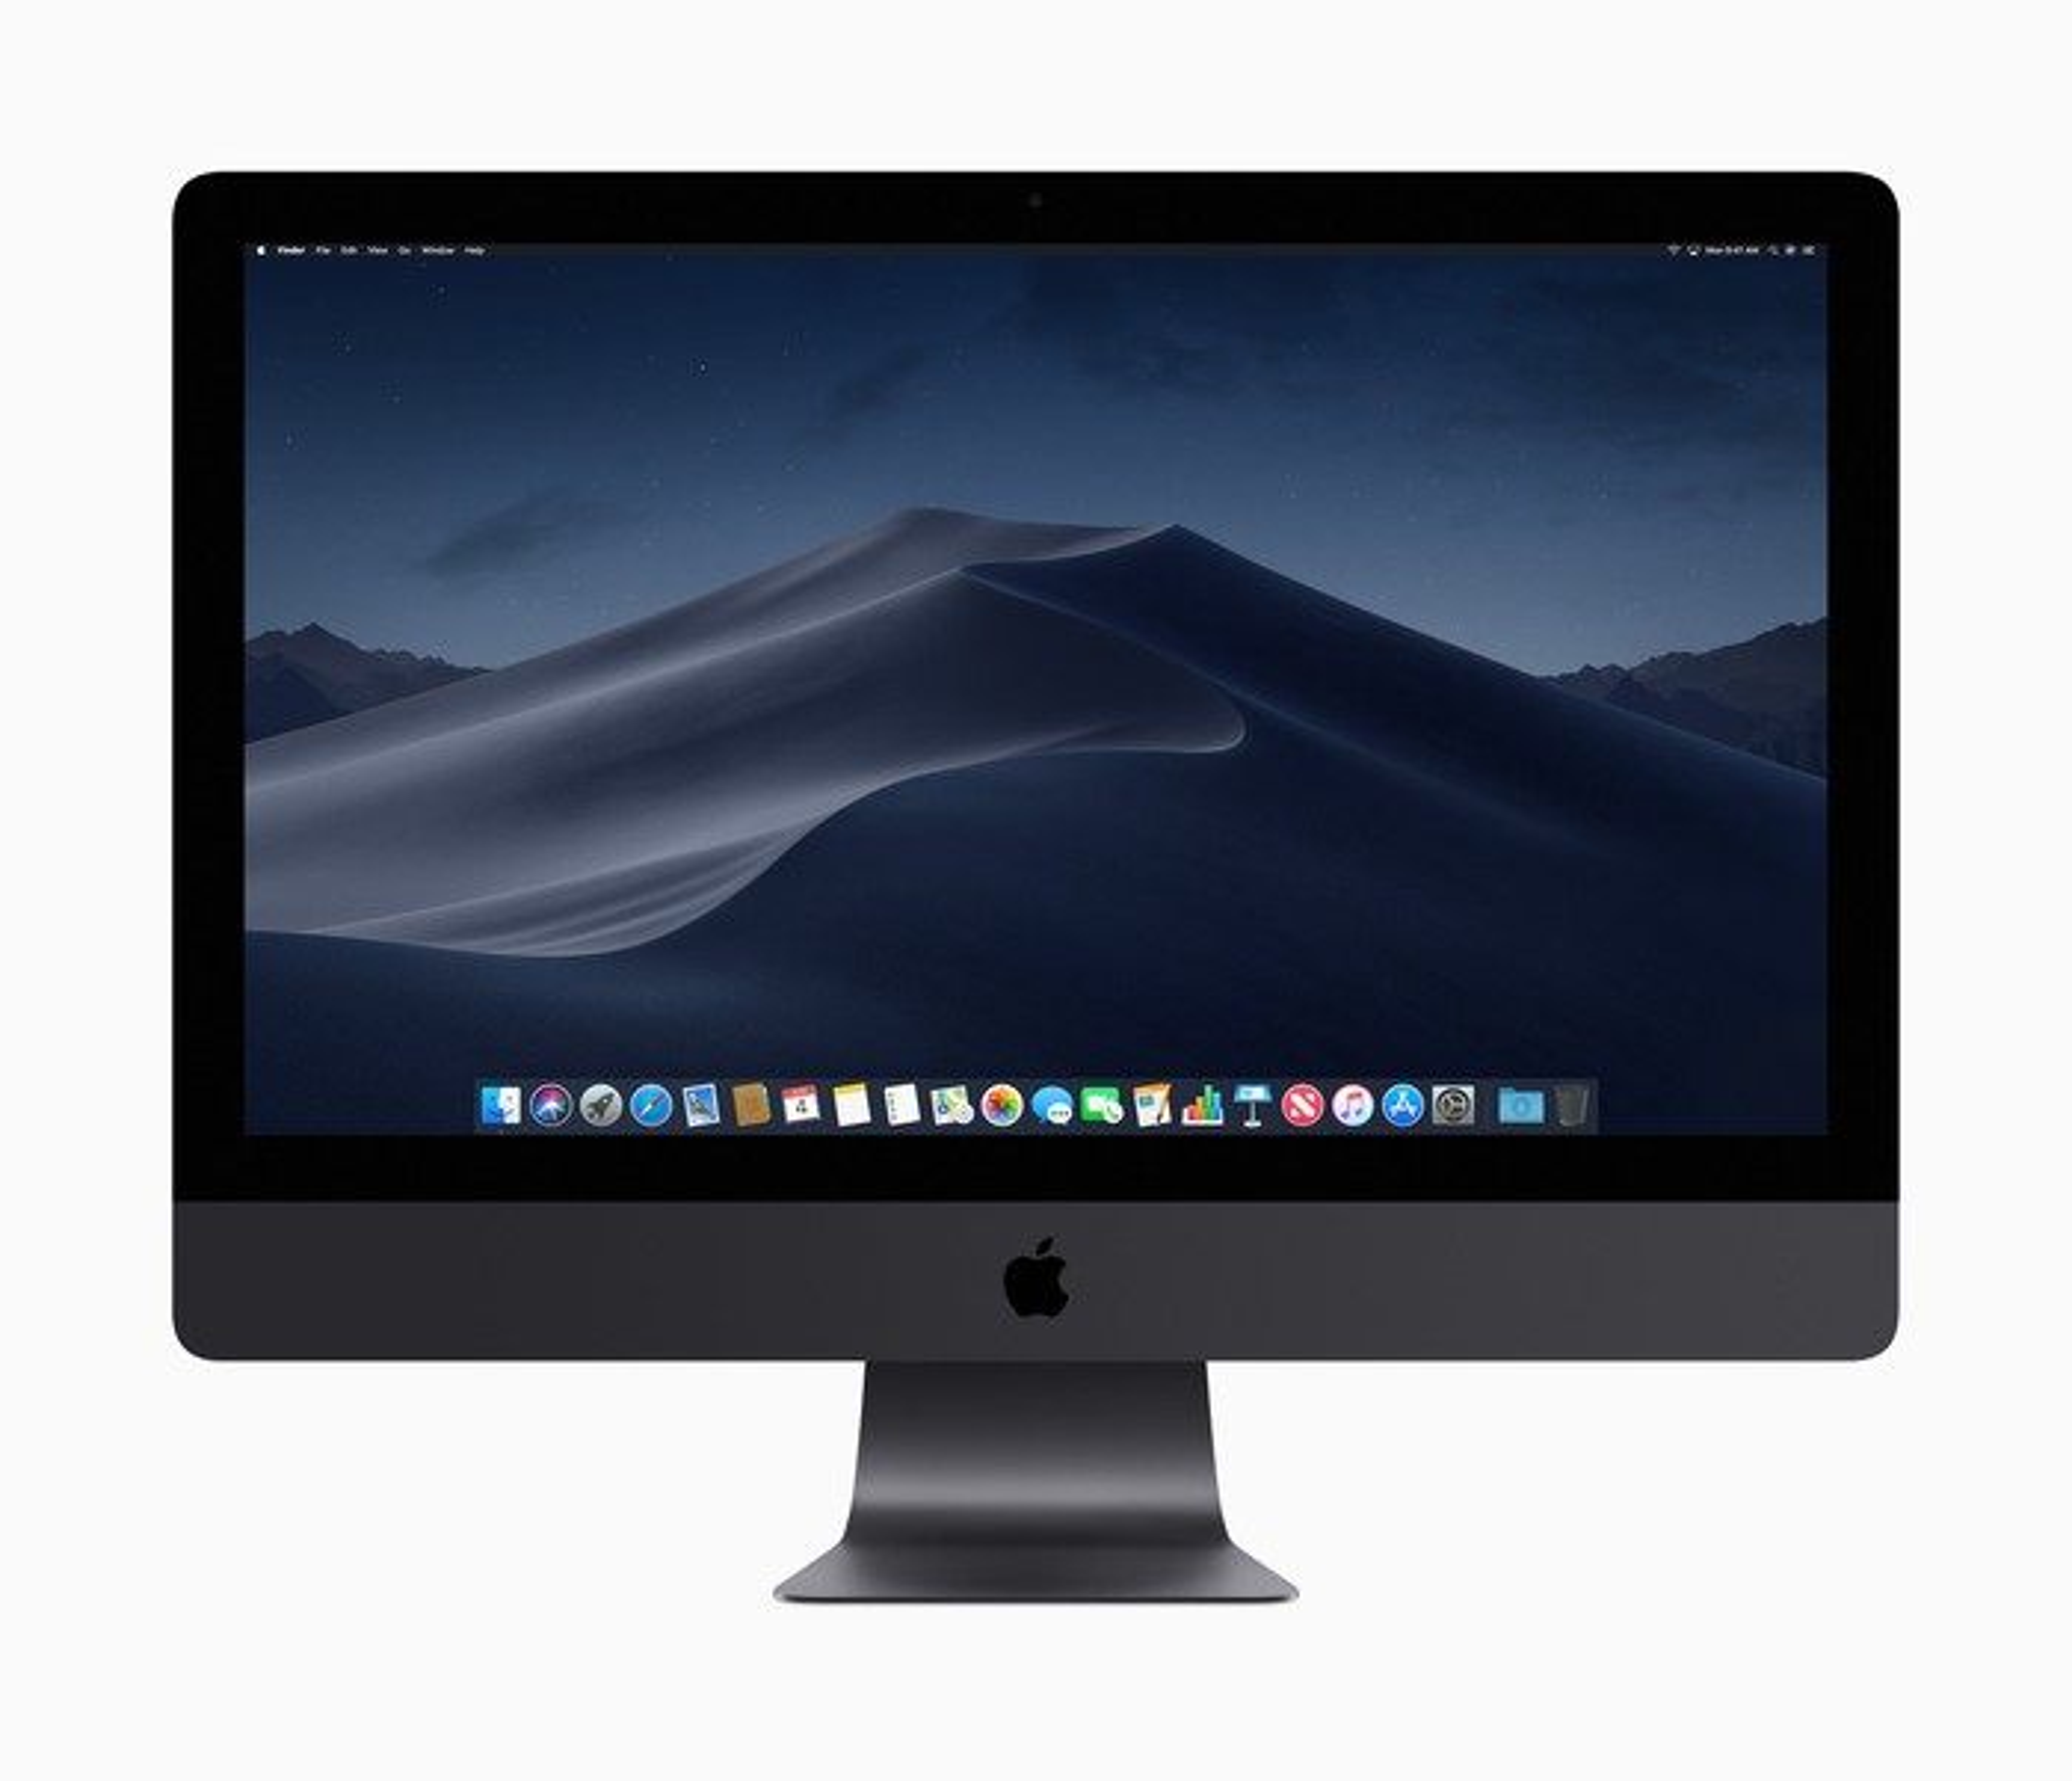 A black Mac desktop computer